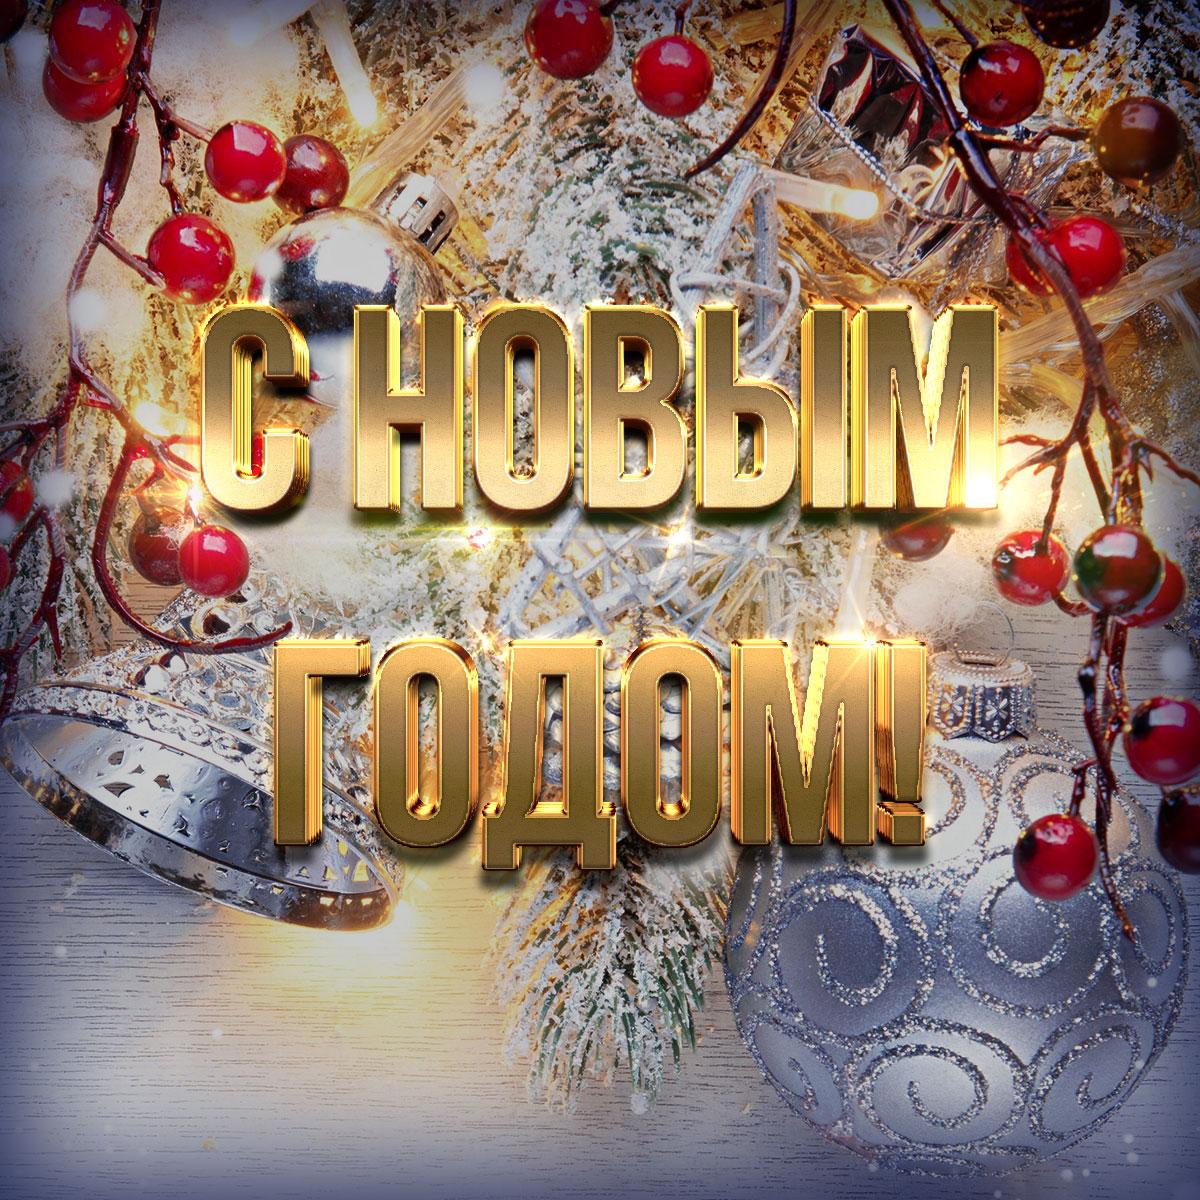 Новогодняя картинка с золотым текстом и рождественскими украшениями.